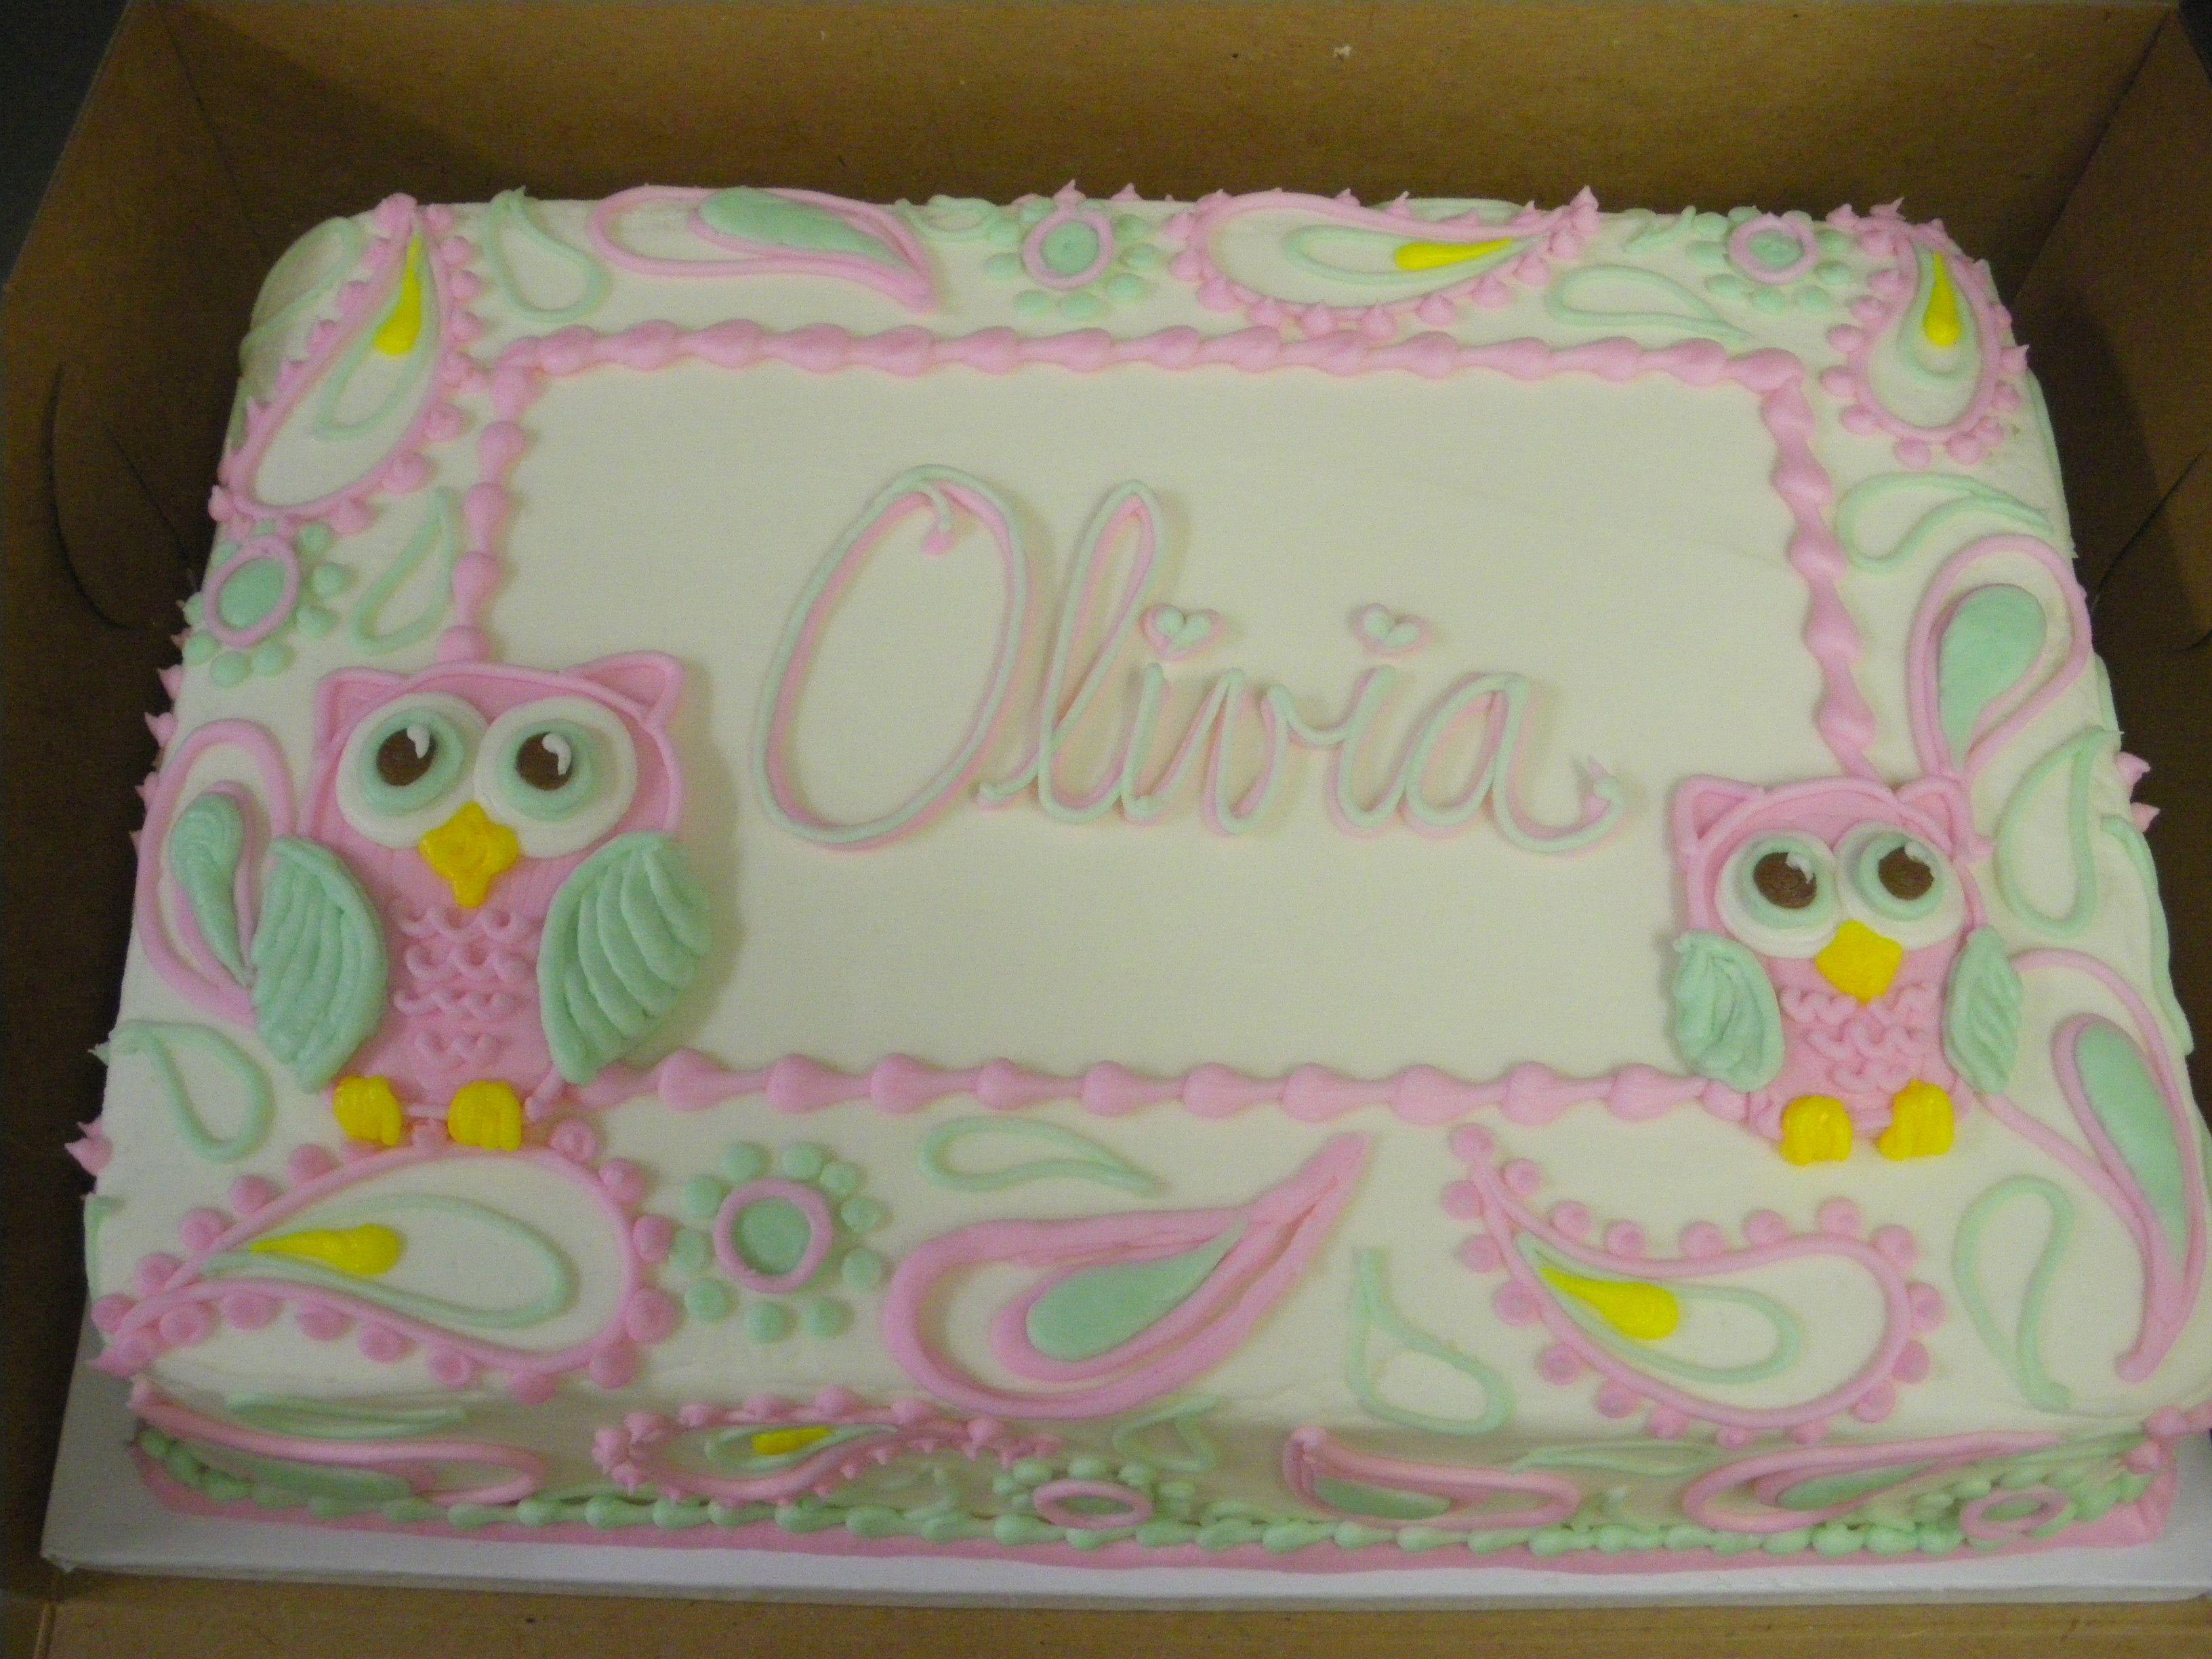 Owl Cakes Pinterest Uploaded to Pinterest Pin Owl